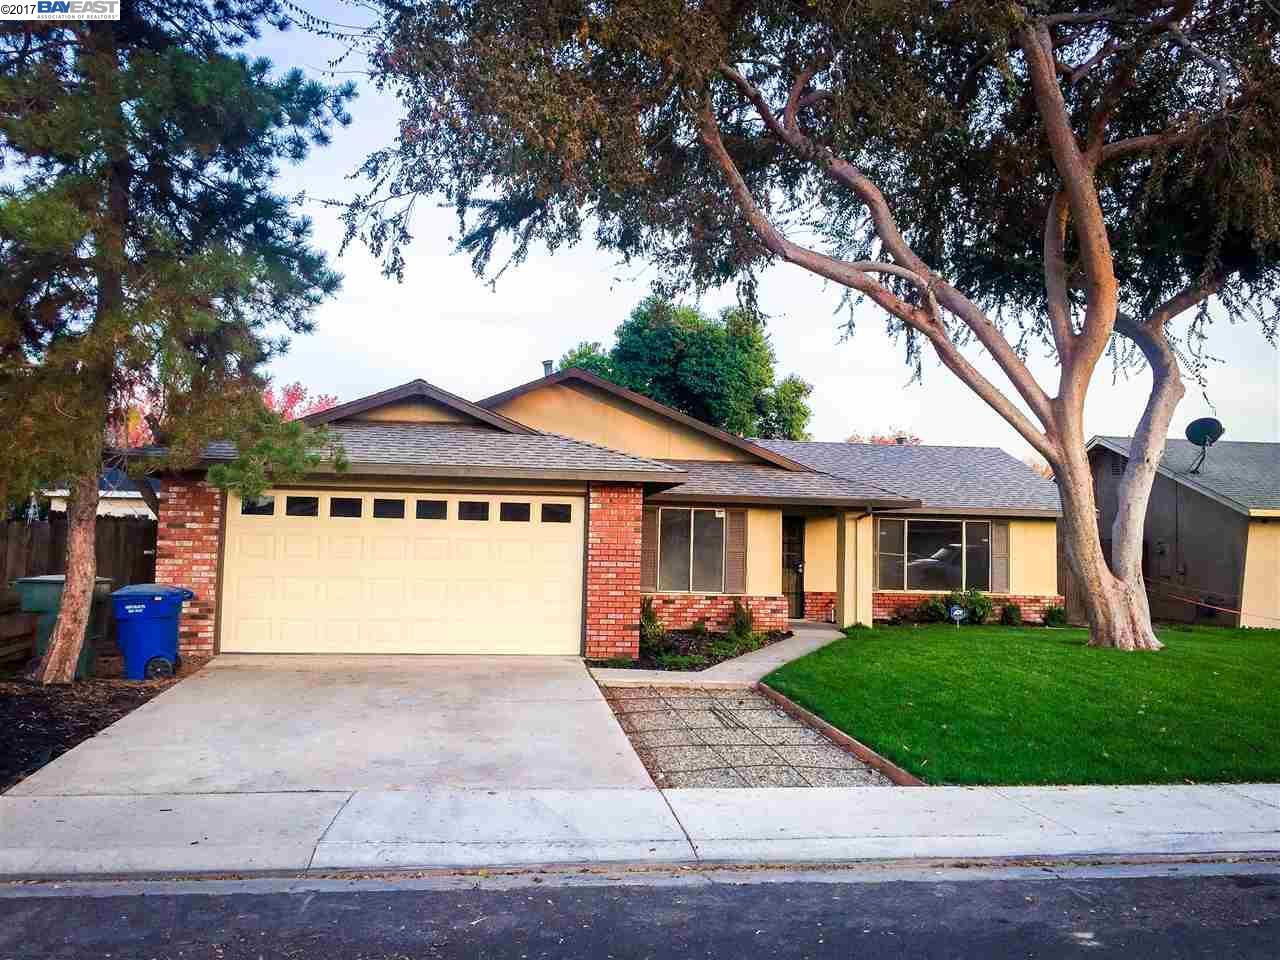 Частный односемейный дом для того Продажа на 720 Alway Drive 720 Alway Drive Modesto, Калифорния 95351 Соединенные Штаты